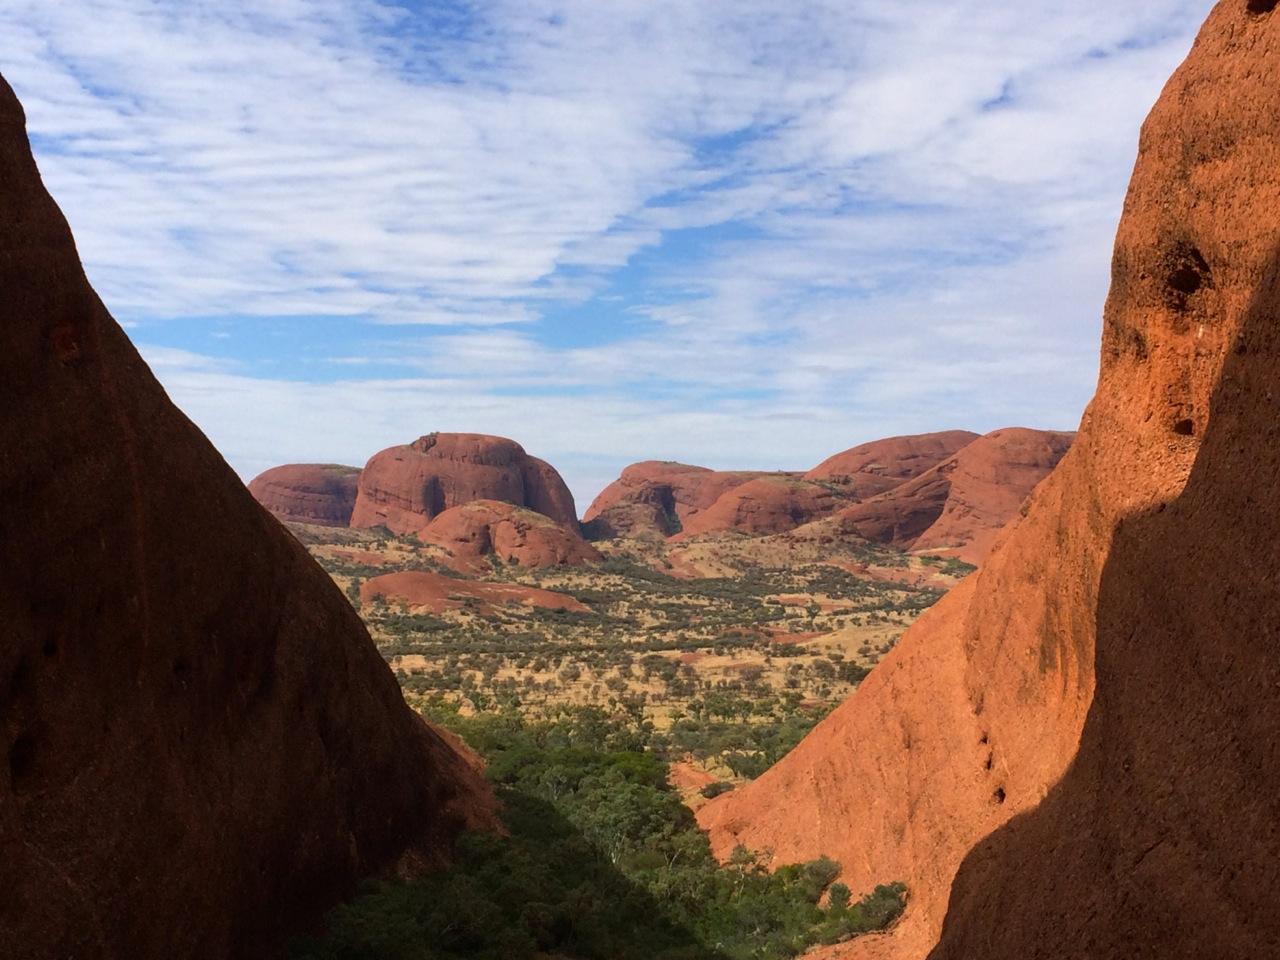 The view through Kata Tjuta, NT